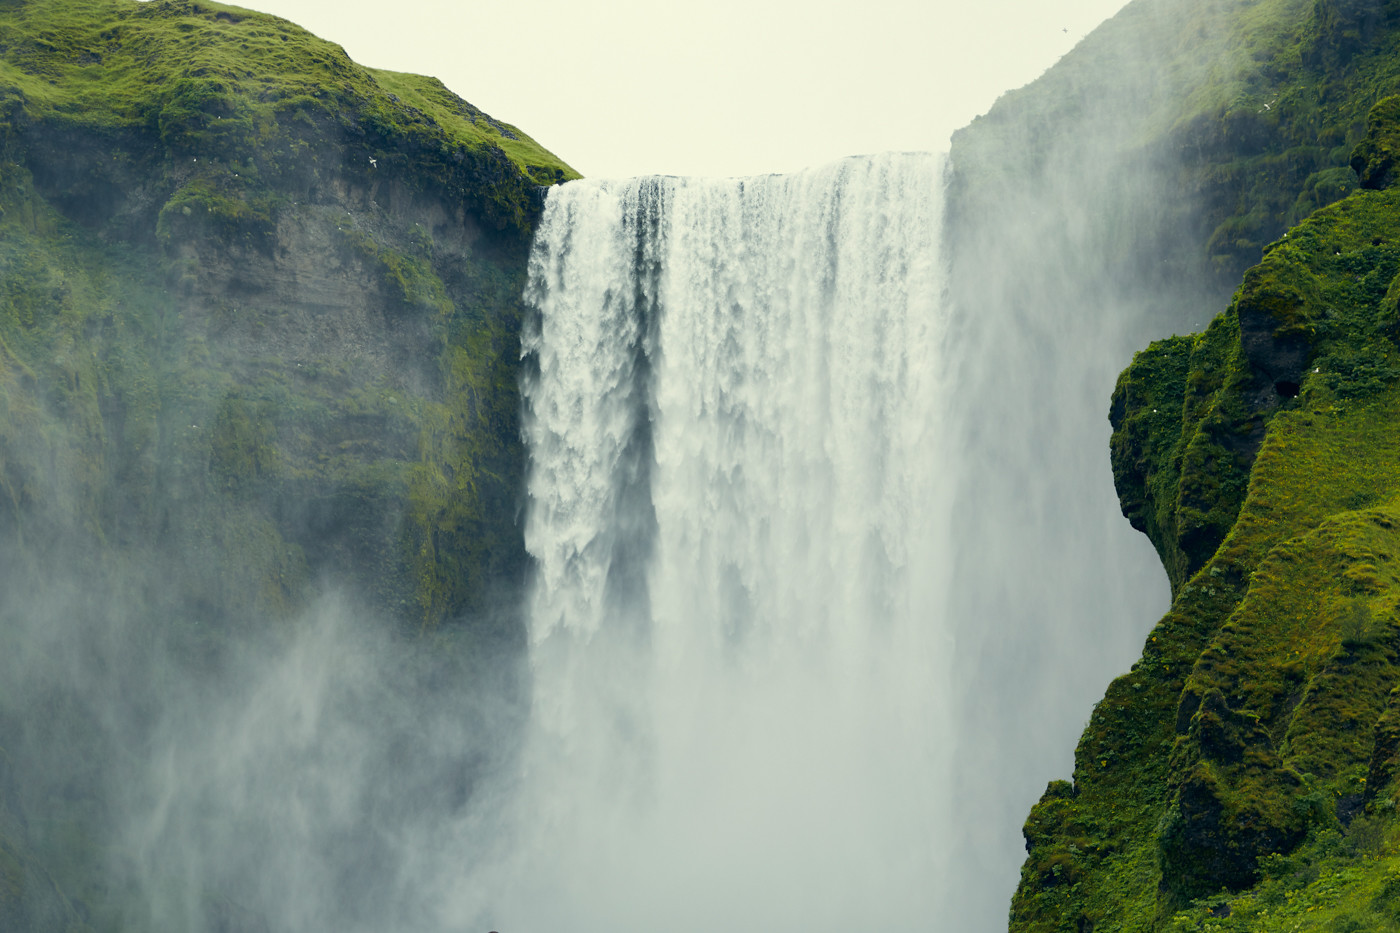 Skogafoss, Wasserfall, waterfall, Island, berühmt, famous, bucketlist, gigantisch, groß, Roadtrip, Rundreise, Miles and Shores,